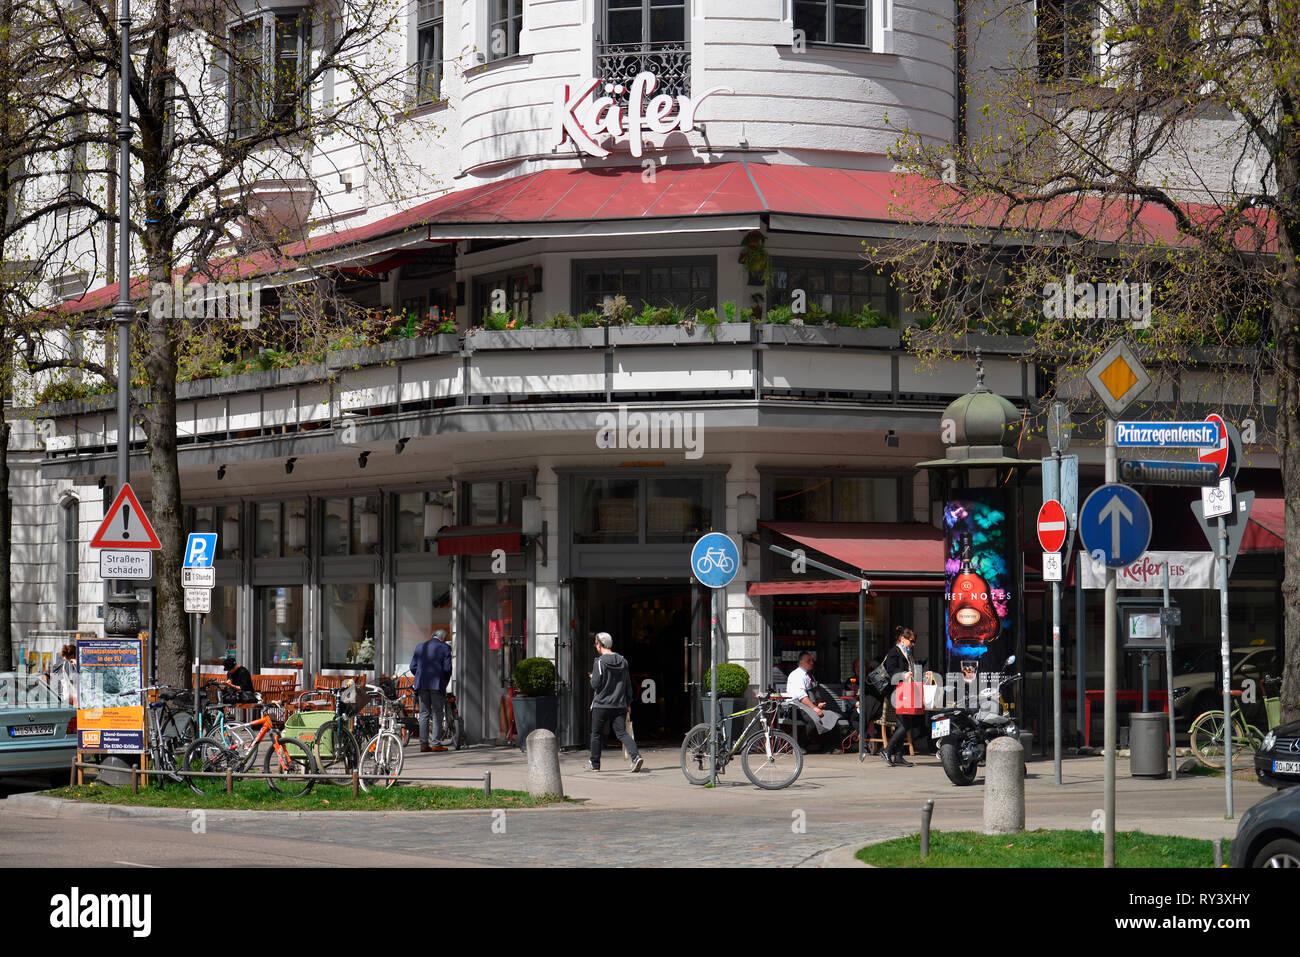 Stammhaus, Feinkost Kaefer, Prinzregentenstrasse, Muenchen, Bayern, Deutschland, Feinkost Käfer - Stock Image